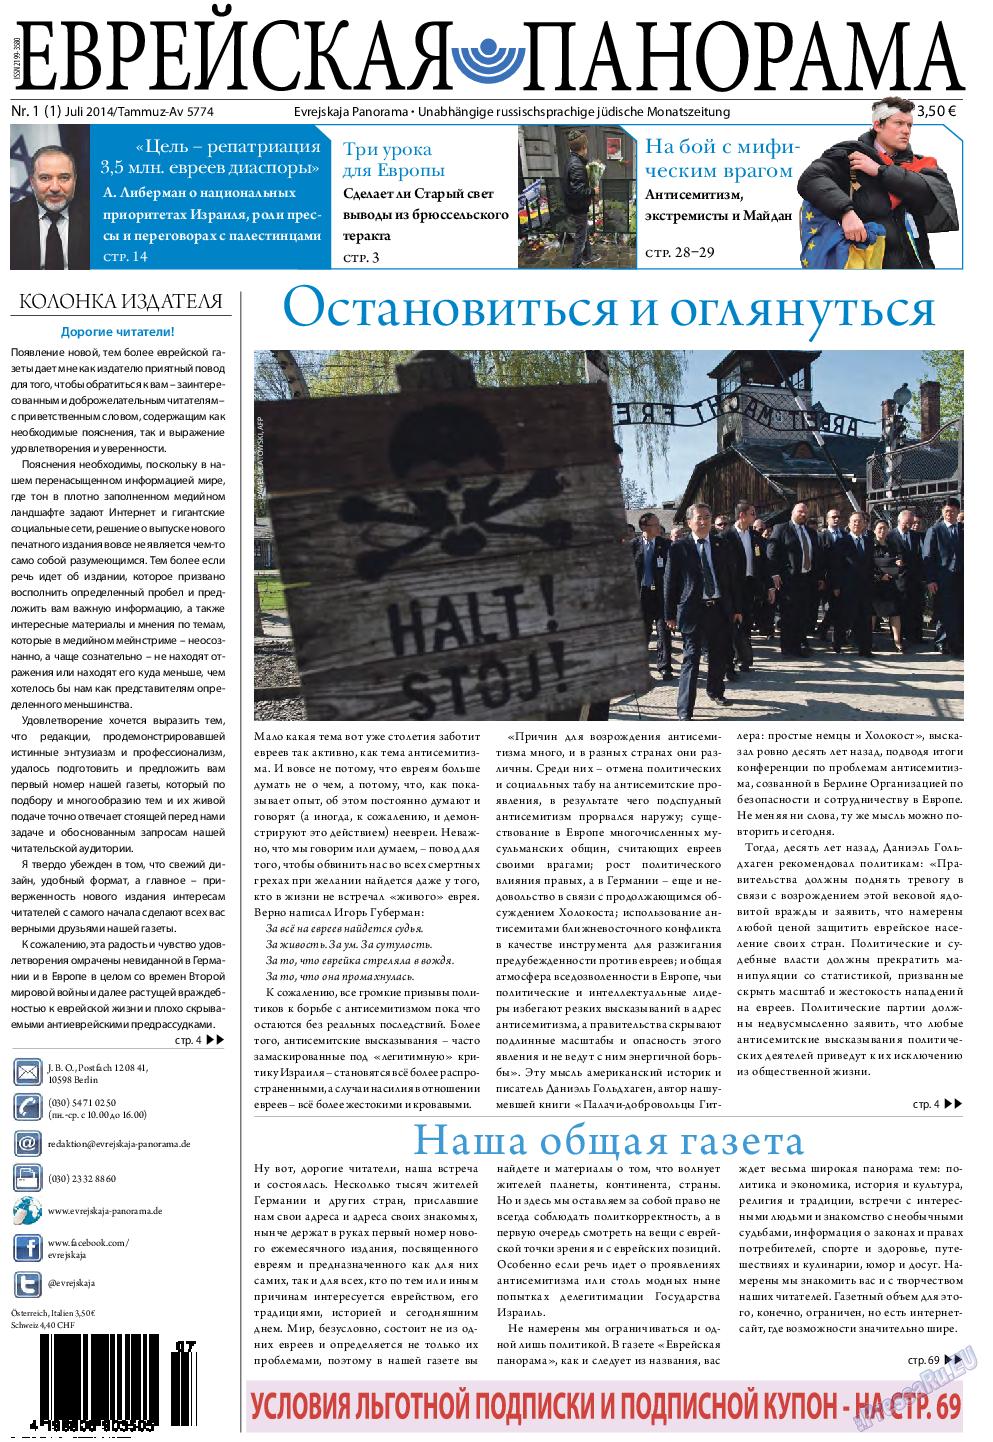 Еврейская панорама (газета). 2014 год, номер 1, стр. 1